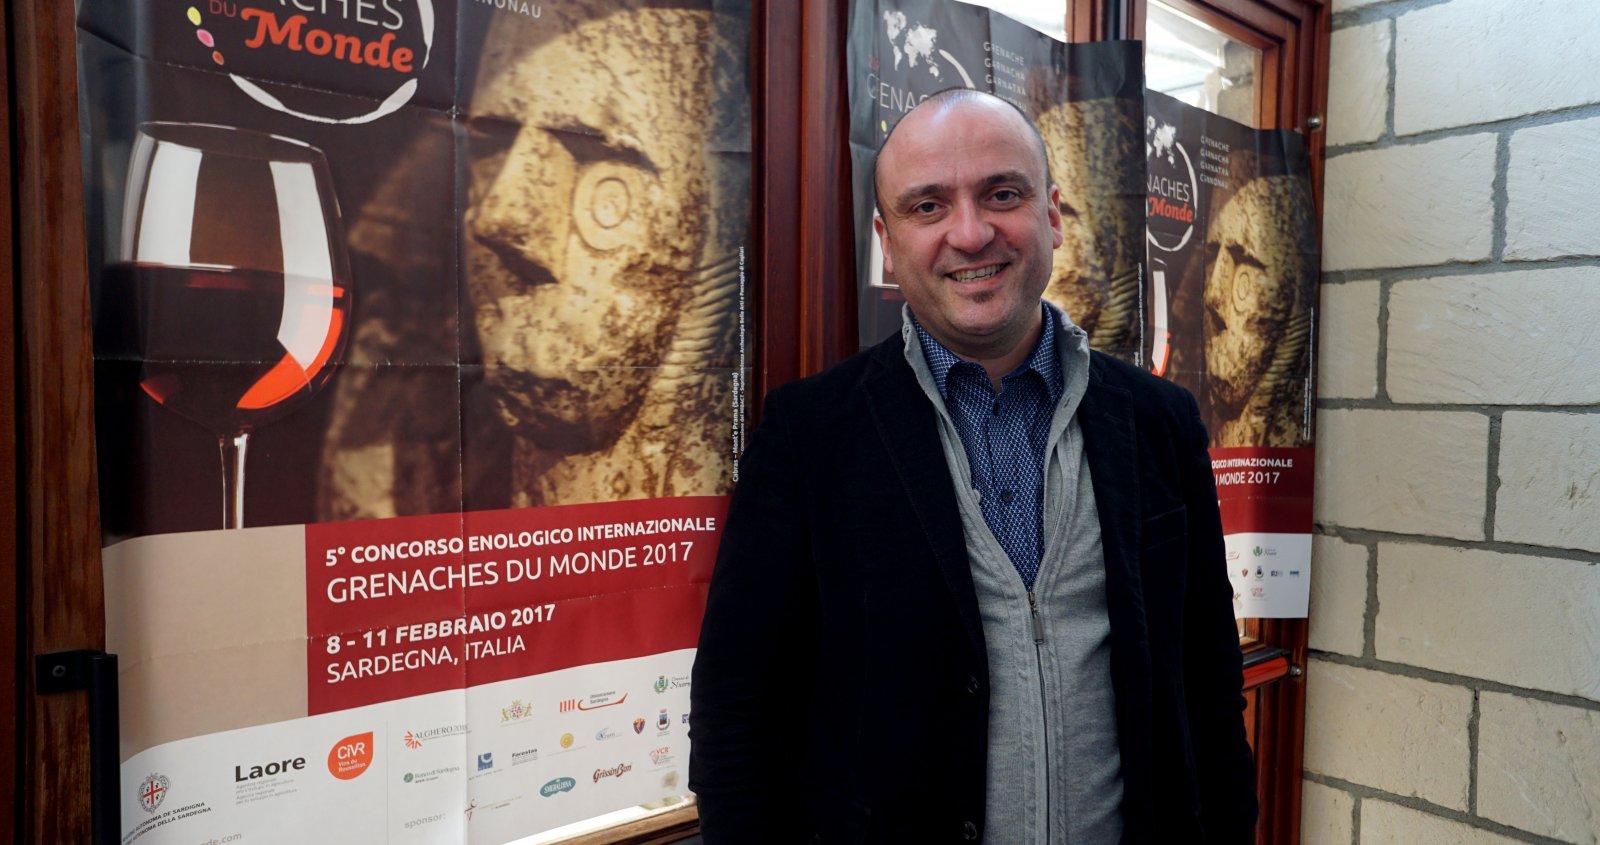 Frédéric Galtier és el delegat del concurs de les garnatxes a l'Estat espanyol